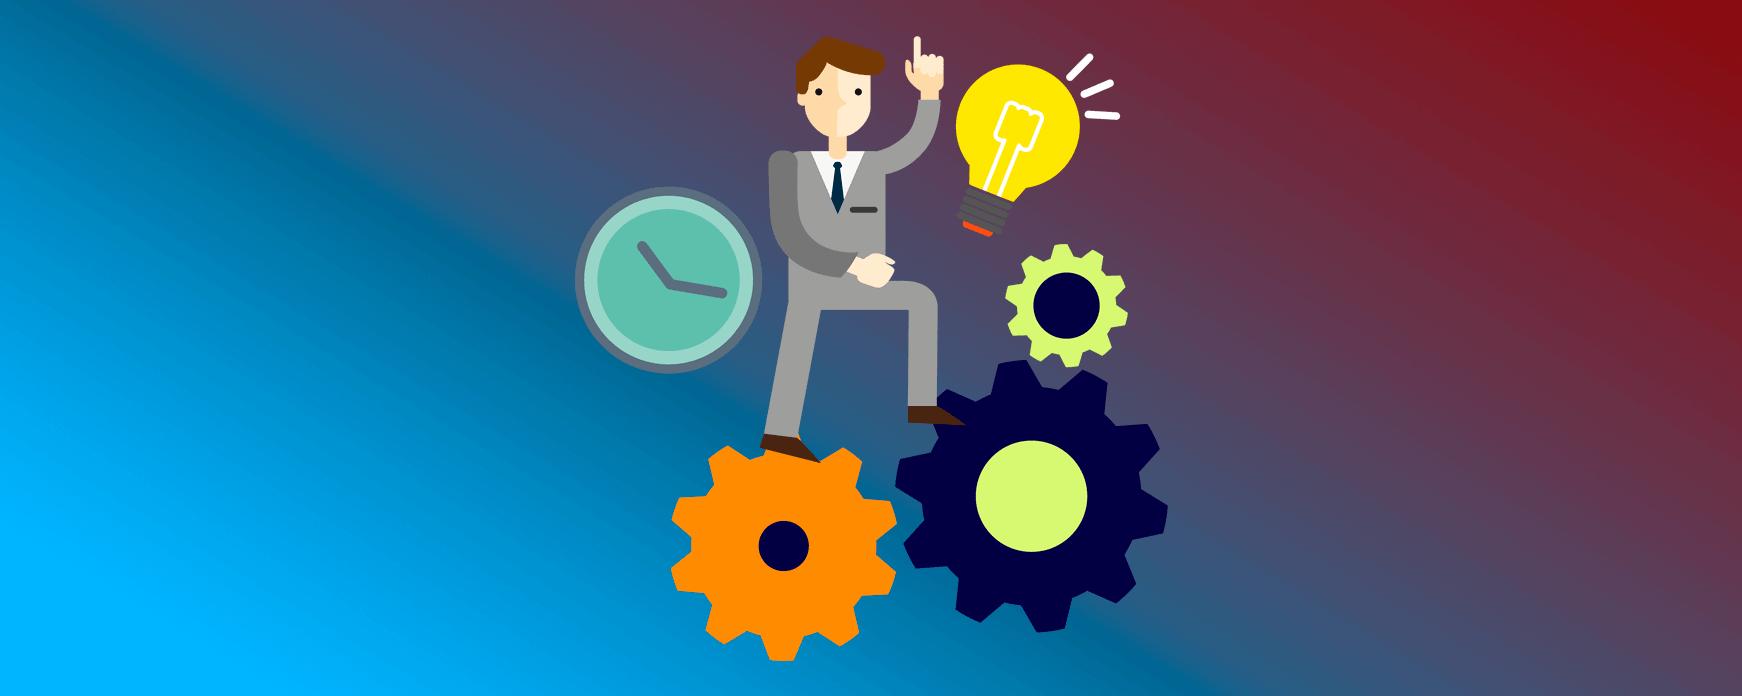 gestão de tempo para ser produtivo